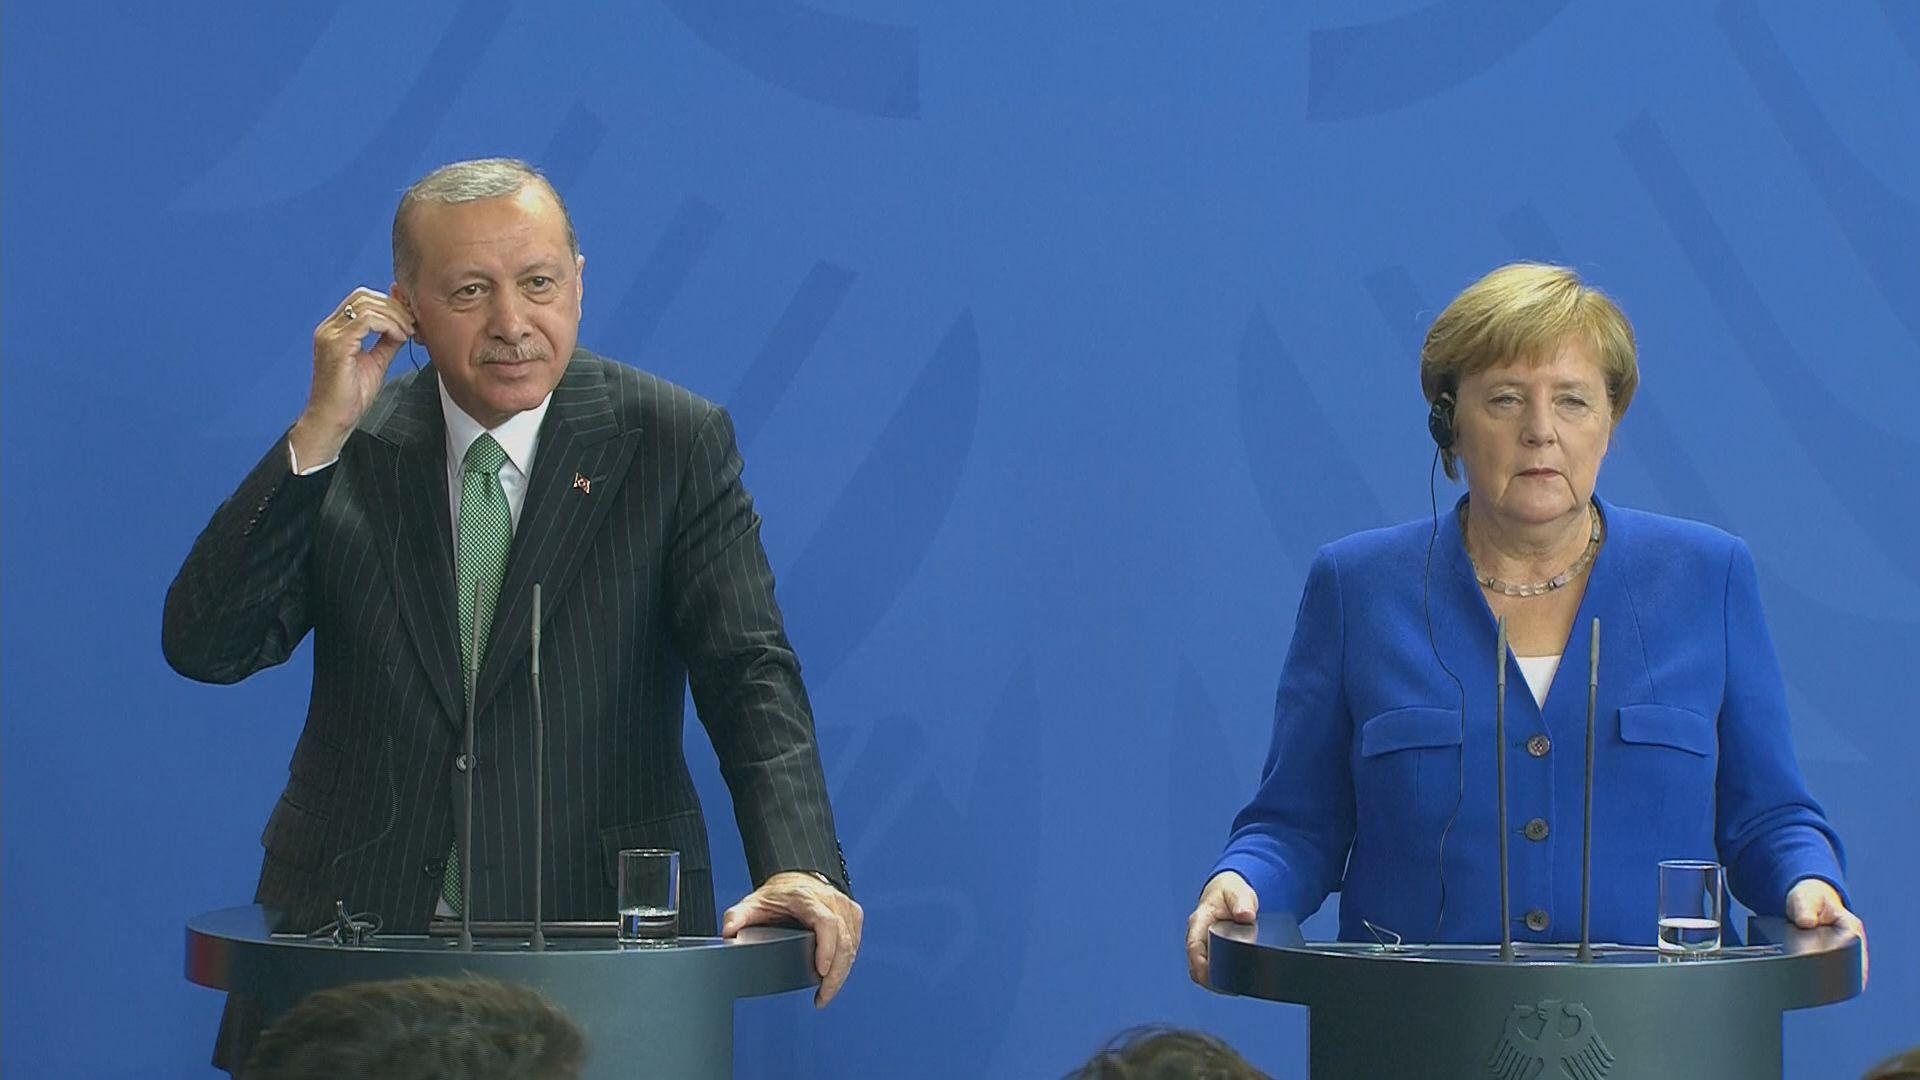 默克爾指德國土耳其仍有嚴重分歧